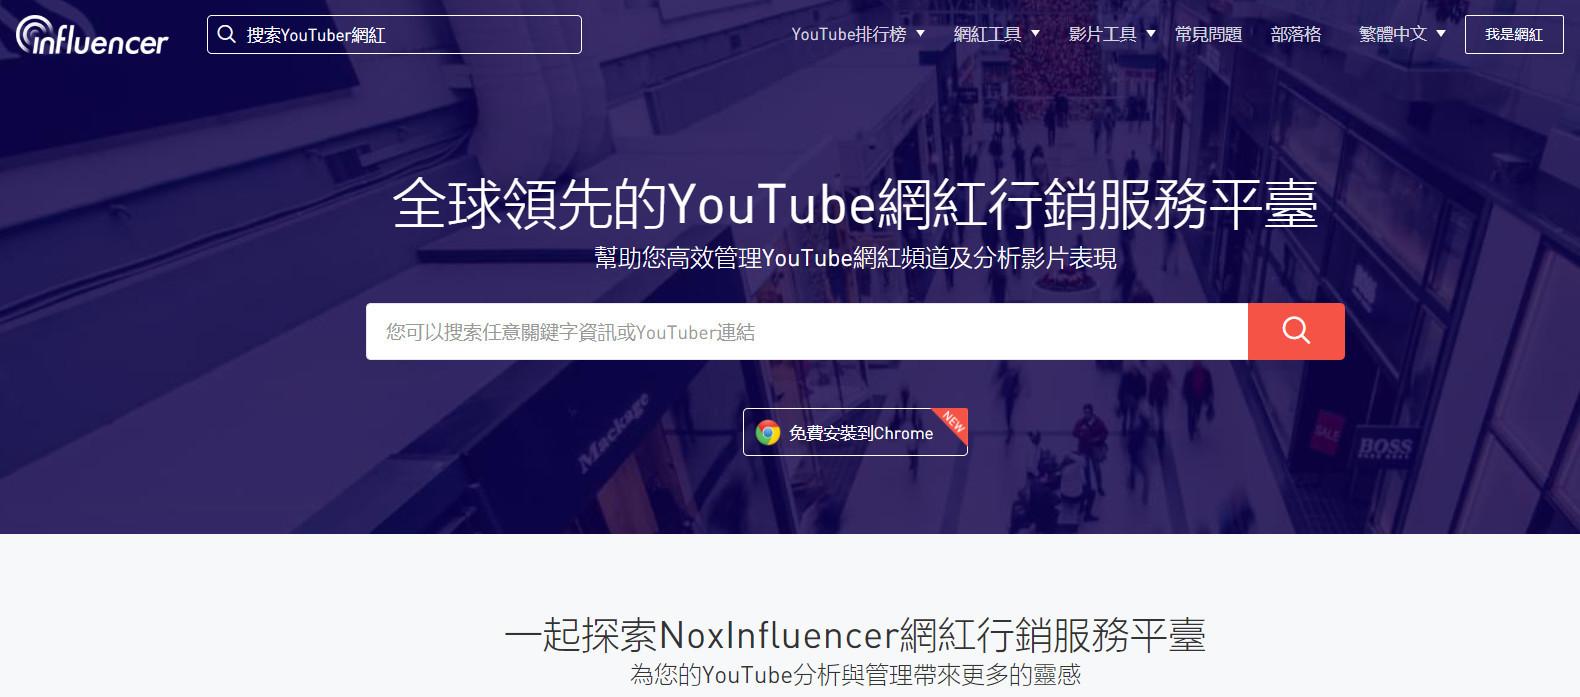 網紅行銷分析選擇工具-Noxinfluencer|鯊客科技SEO網路行銷公司